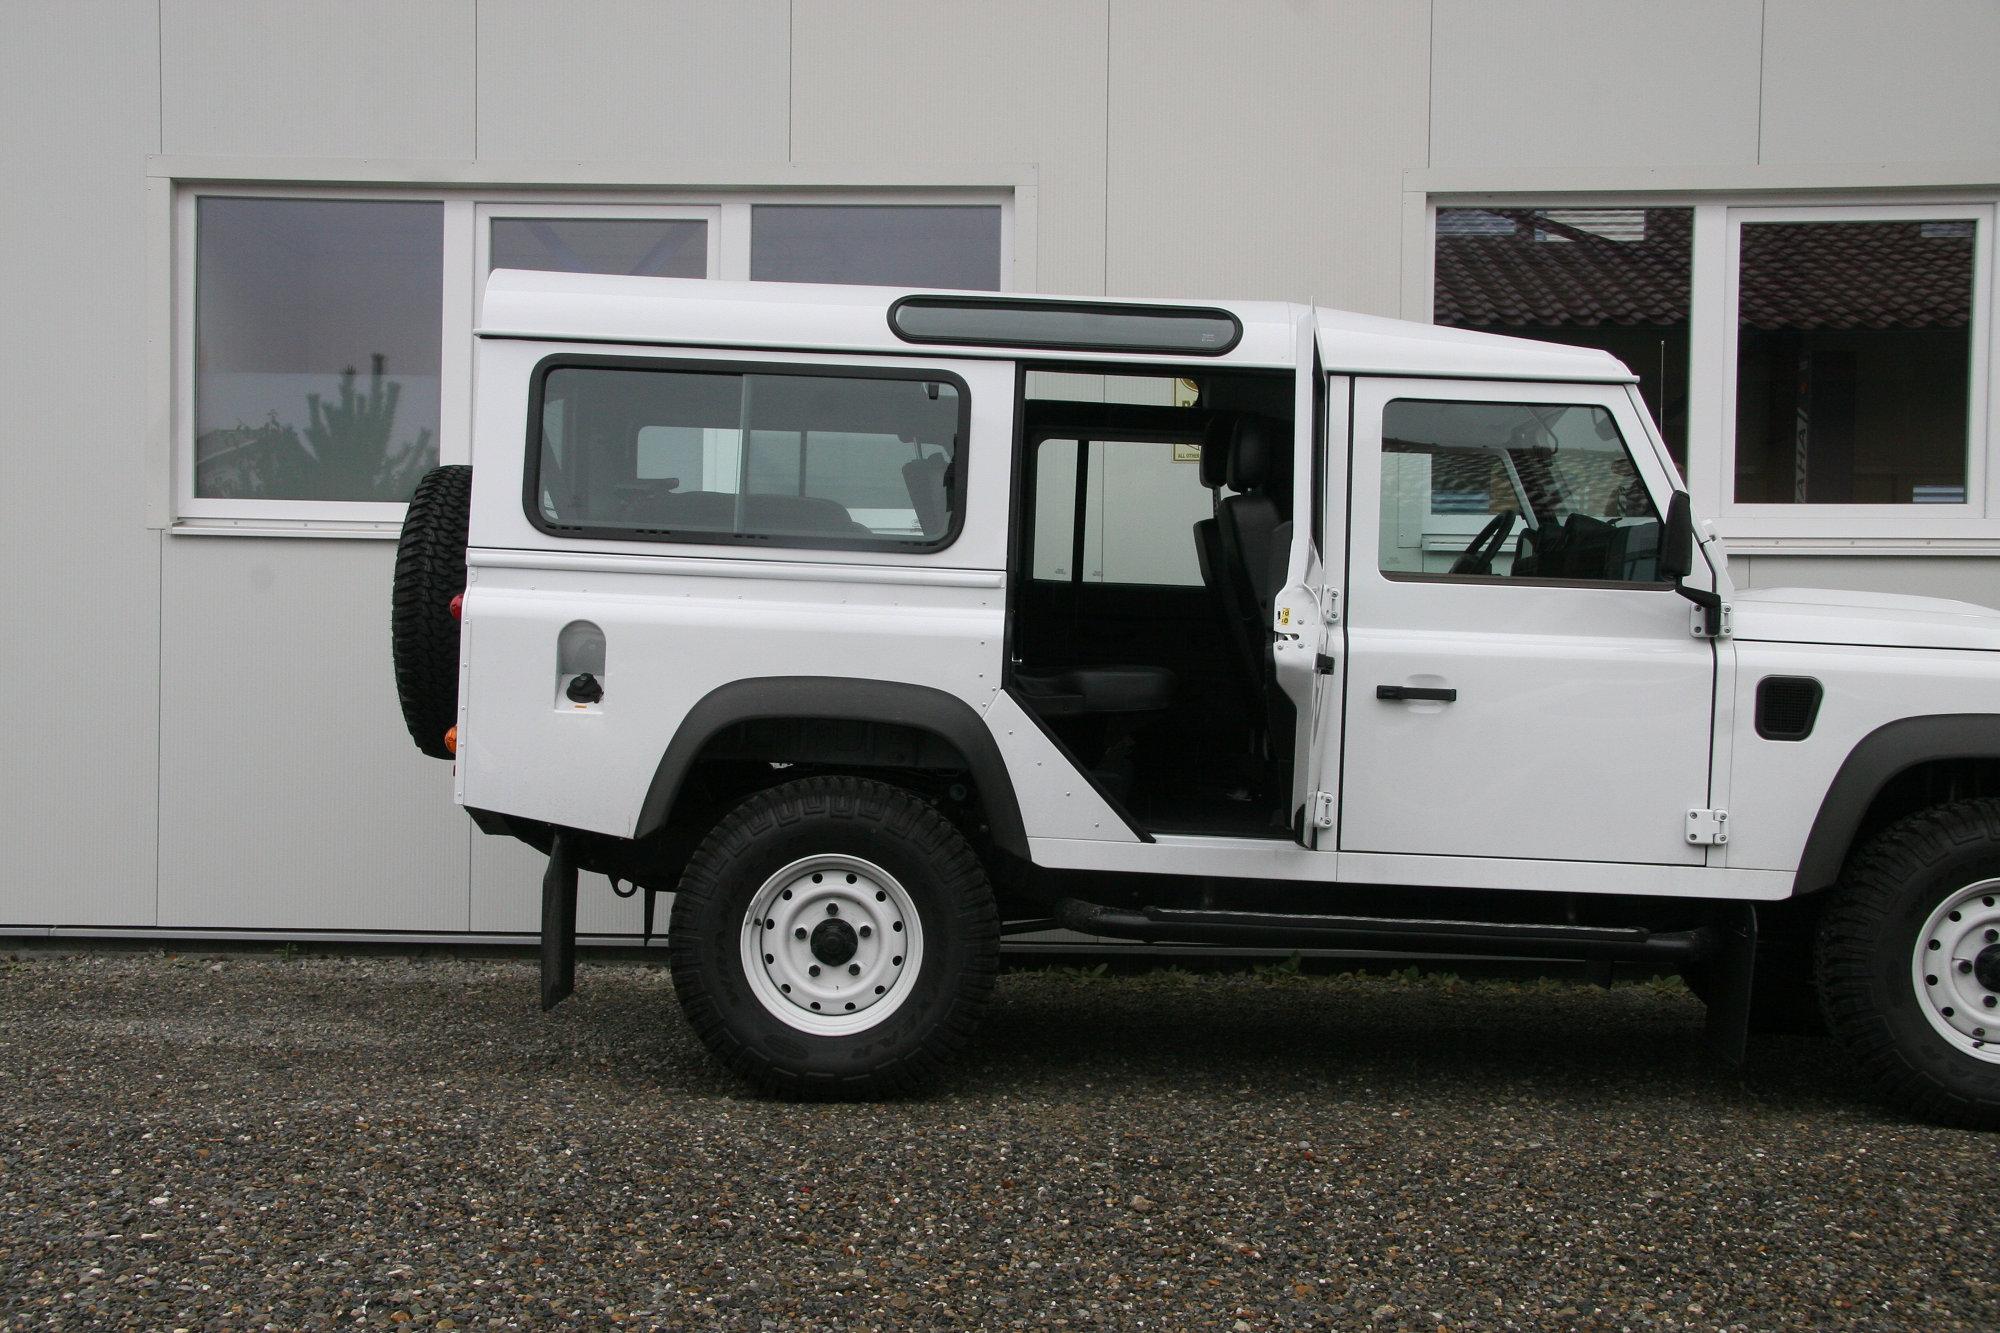 Tueroeffnungsbegrenzer Land Rover Defender.001